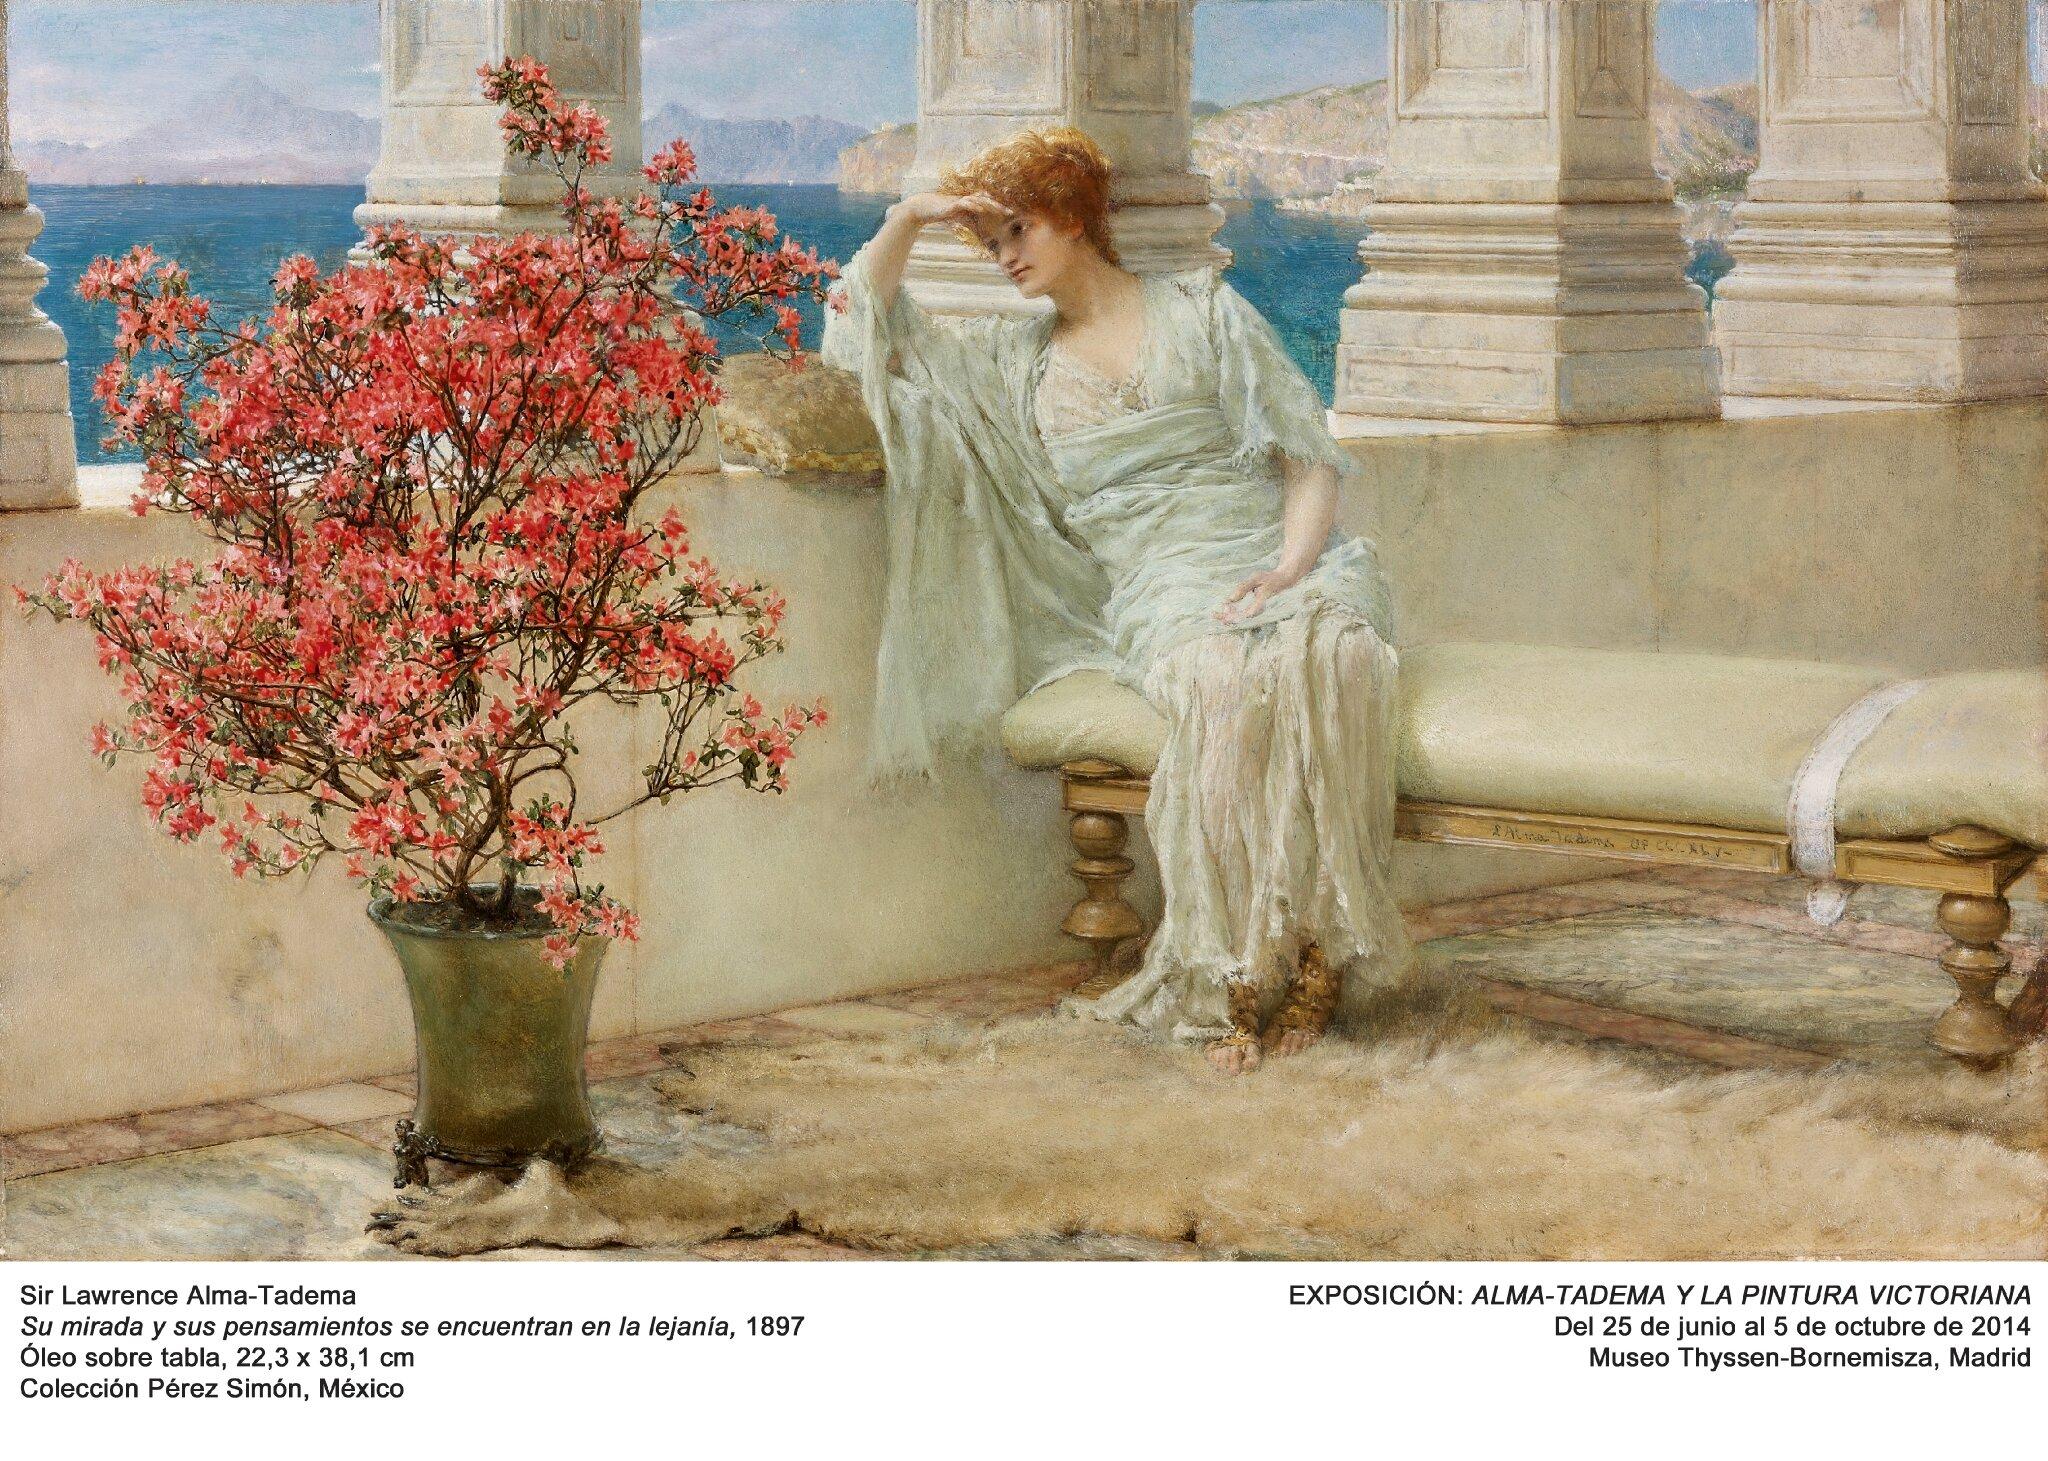 La belleza de la pintura victoriana se instala en el Thyssen 96511782_o